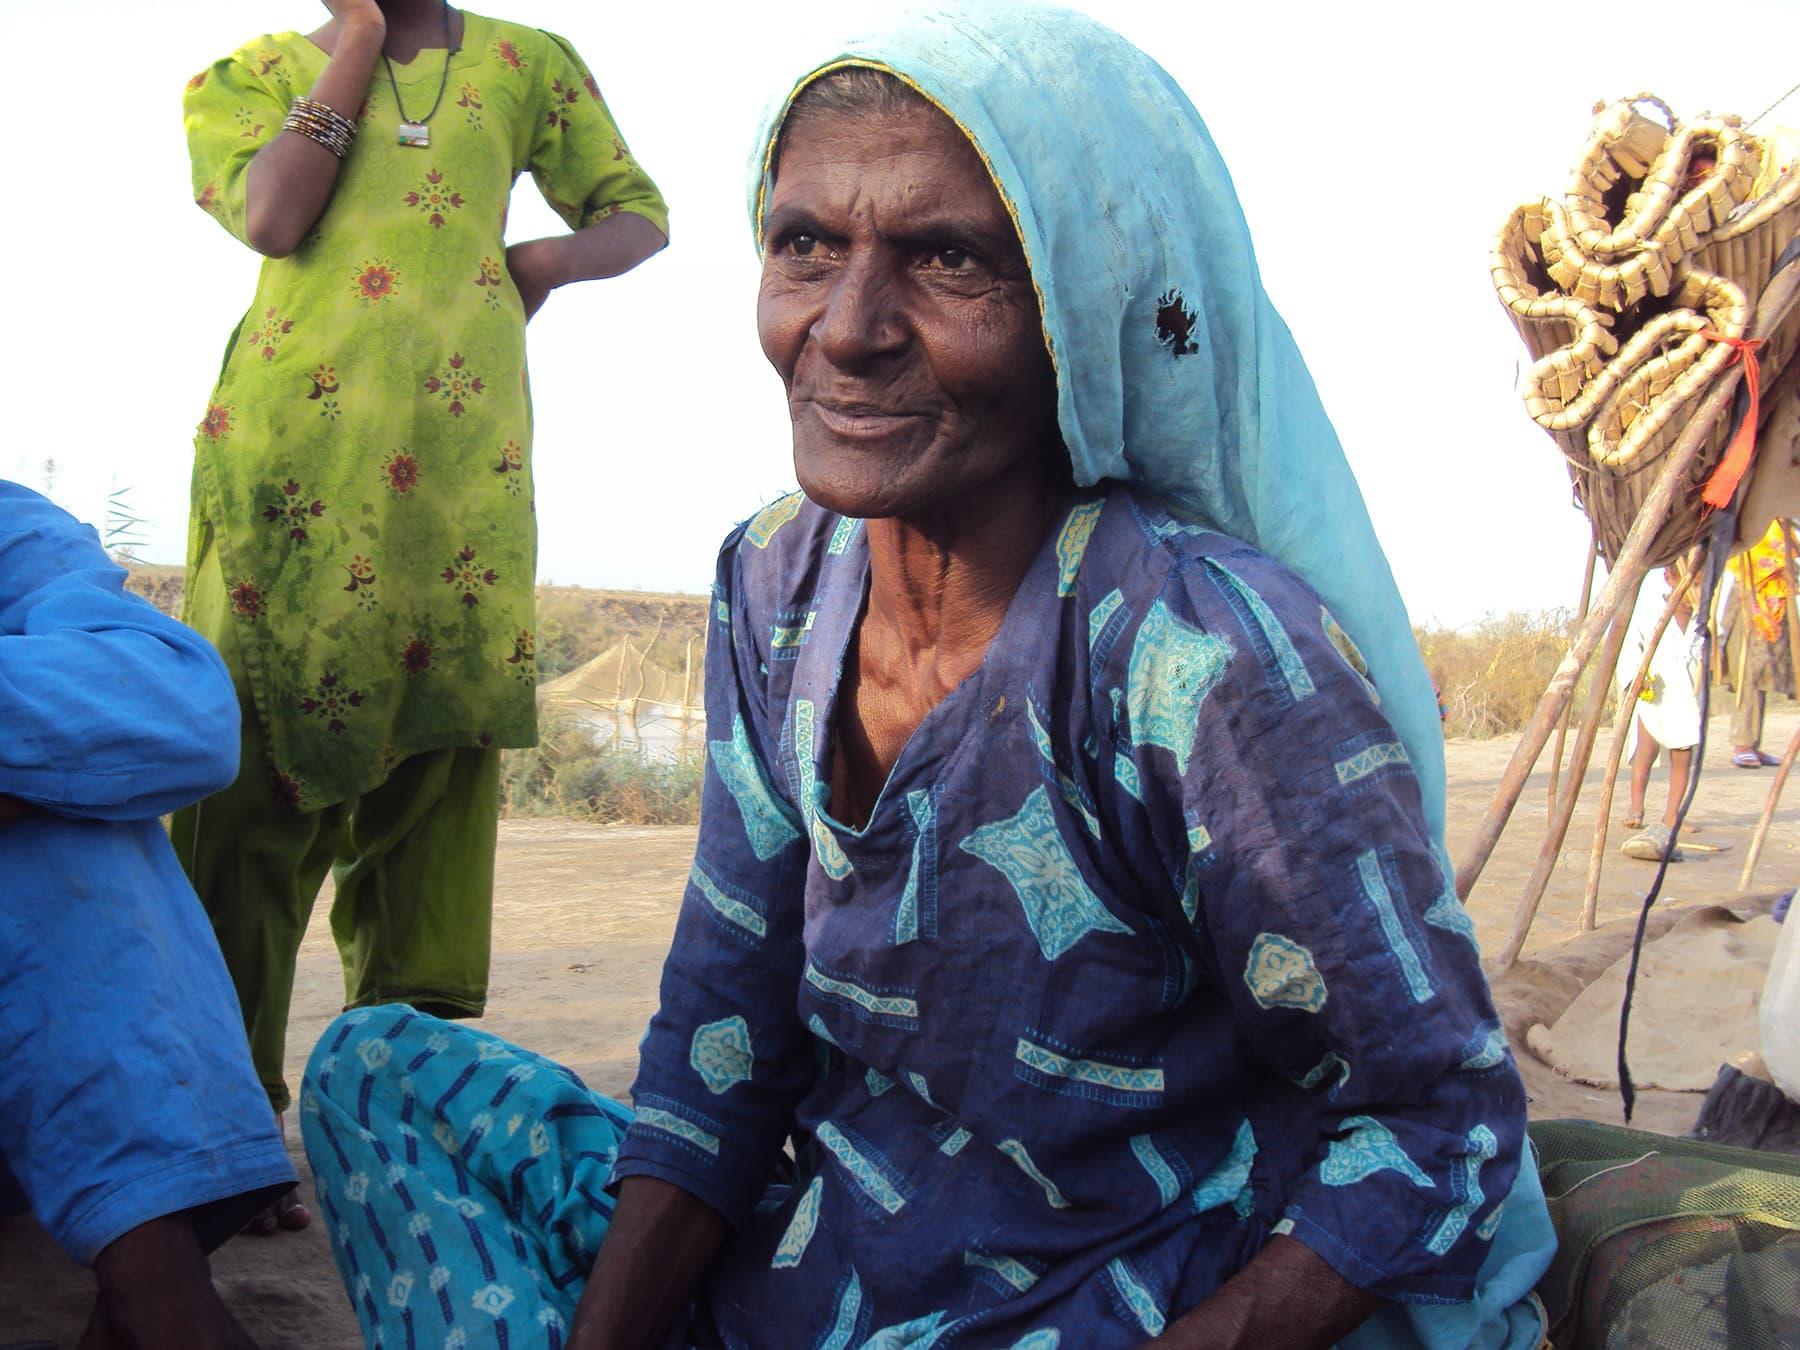 مائی ہاجو کی وہ آخری مسکراہٹ جو تصویر میں قید کی گئی—تصویر ابوبکر شیخ